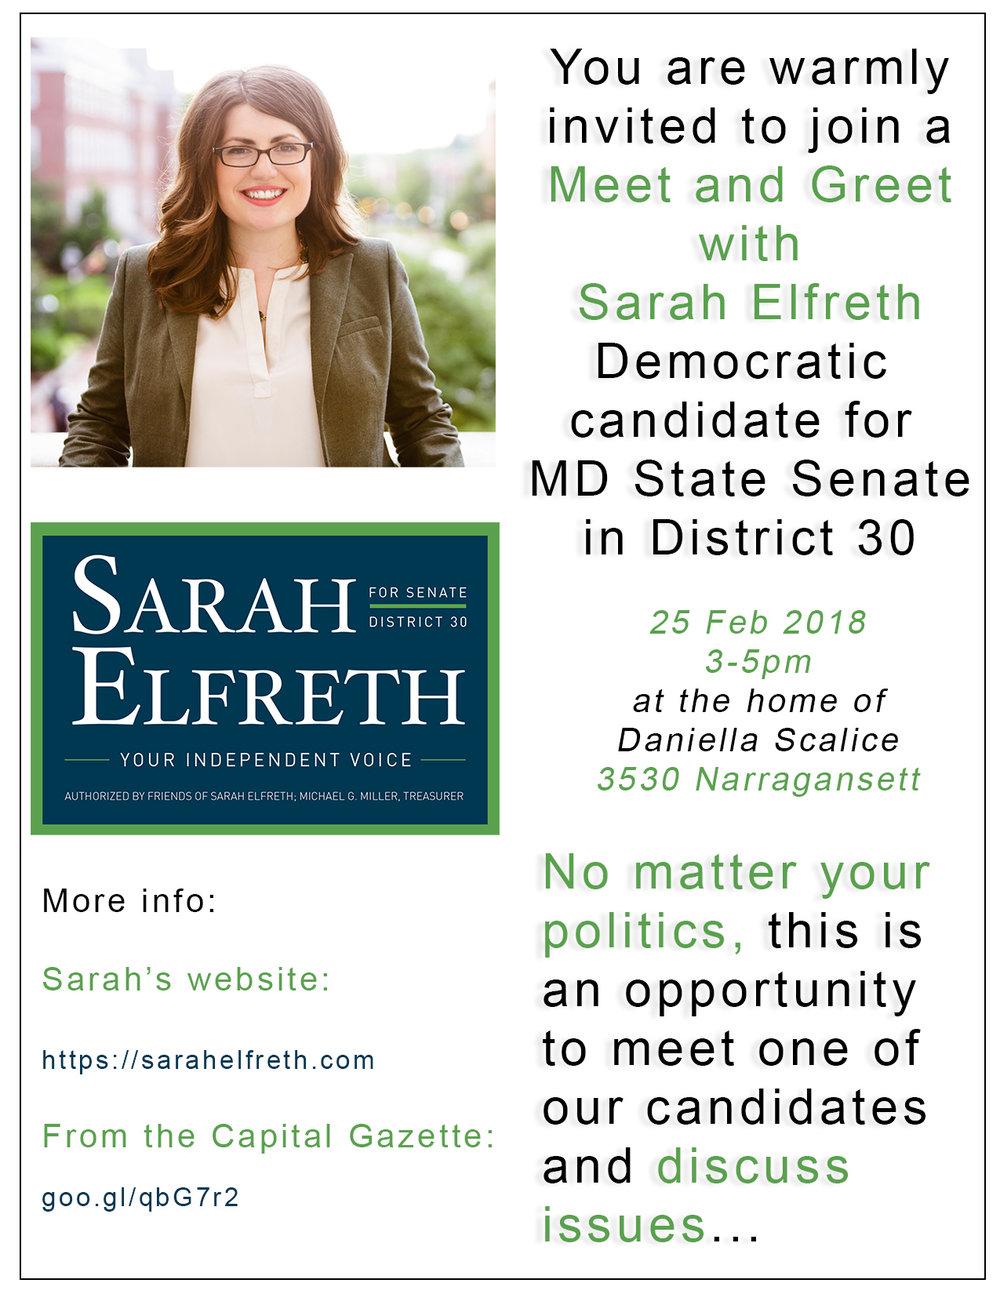 SarahElfreth-Meet&Greet-25Feb2018.jpg